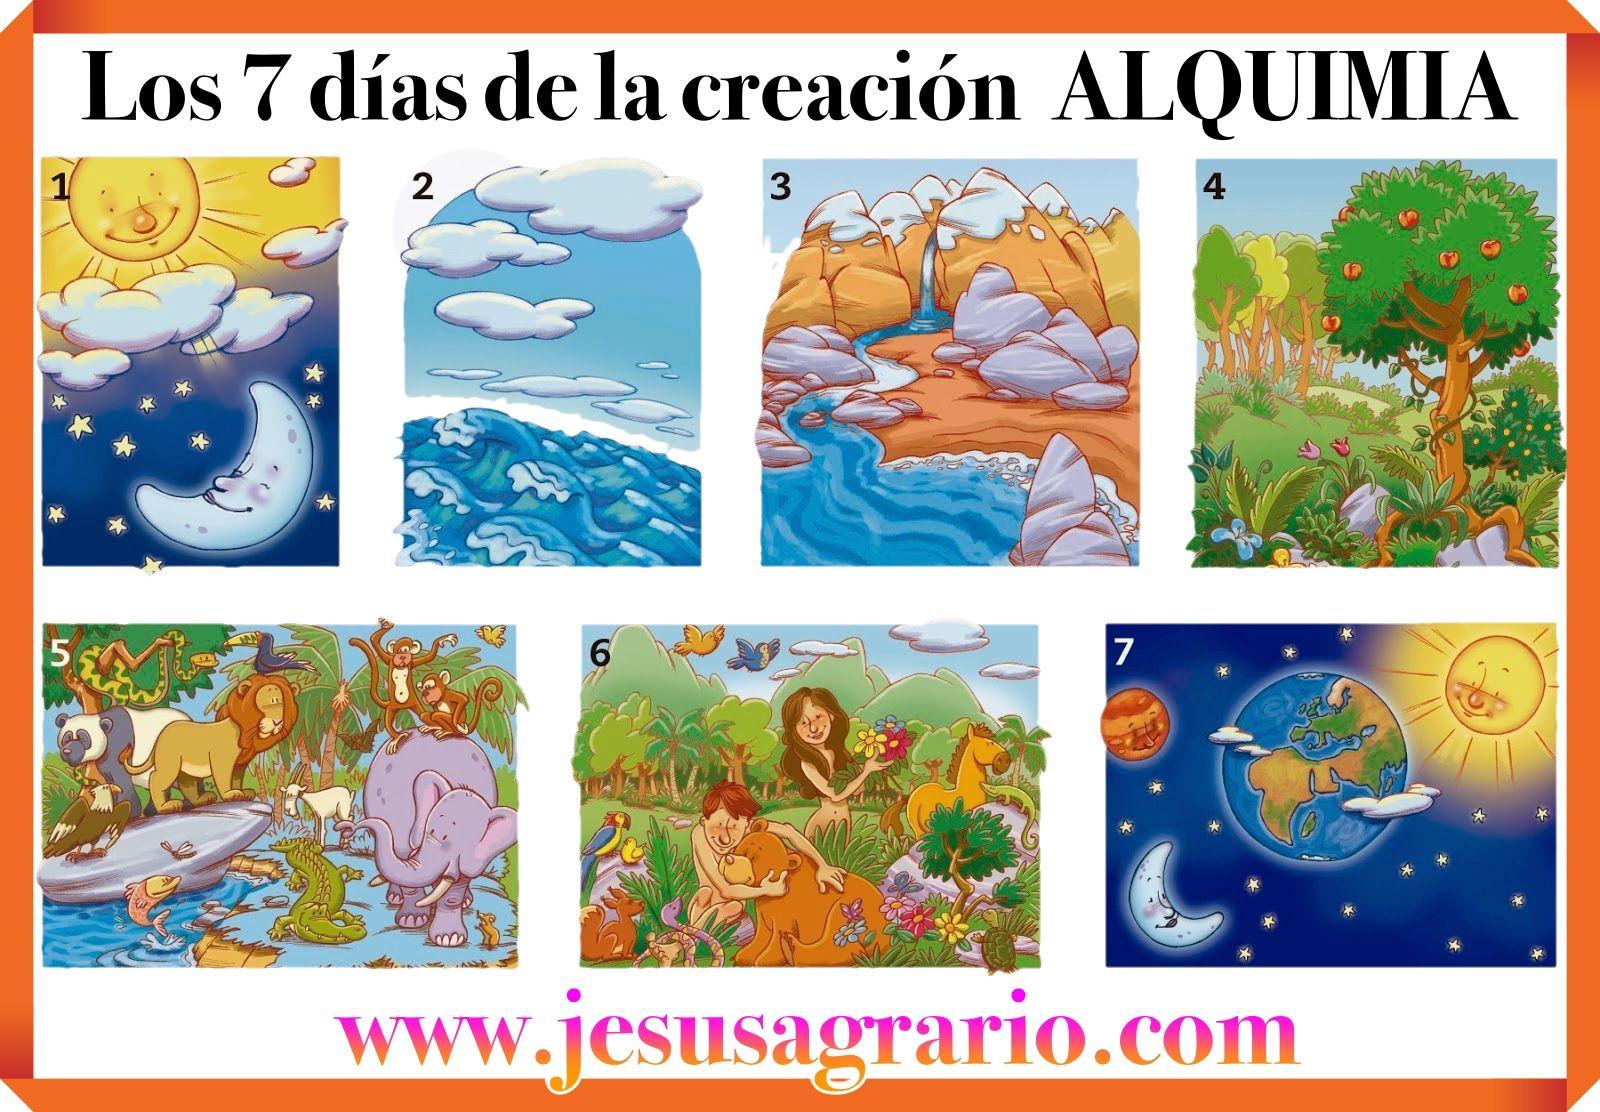 Los 7 dias de la creacion